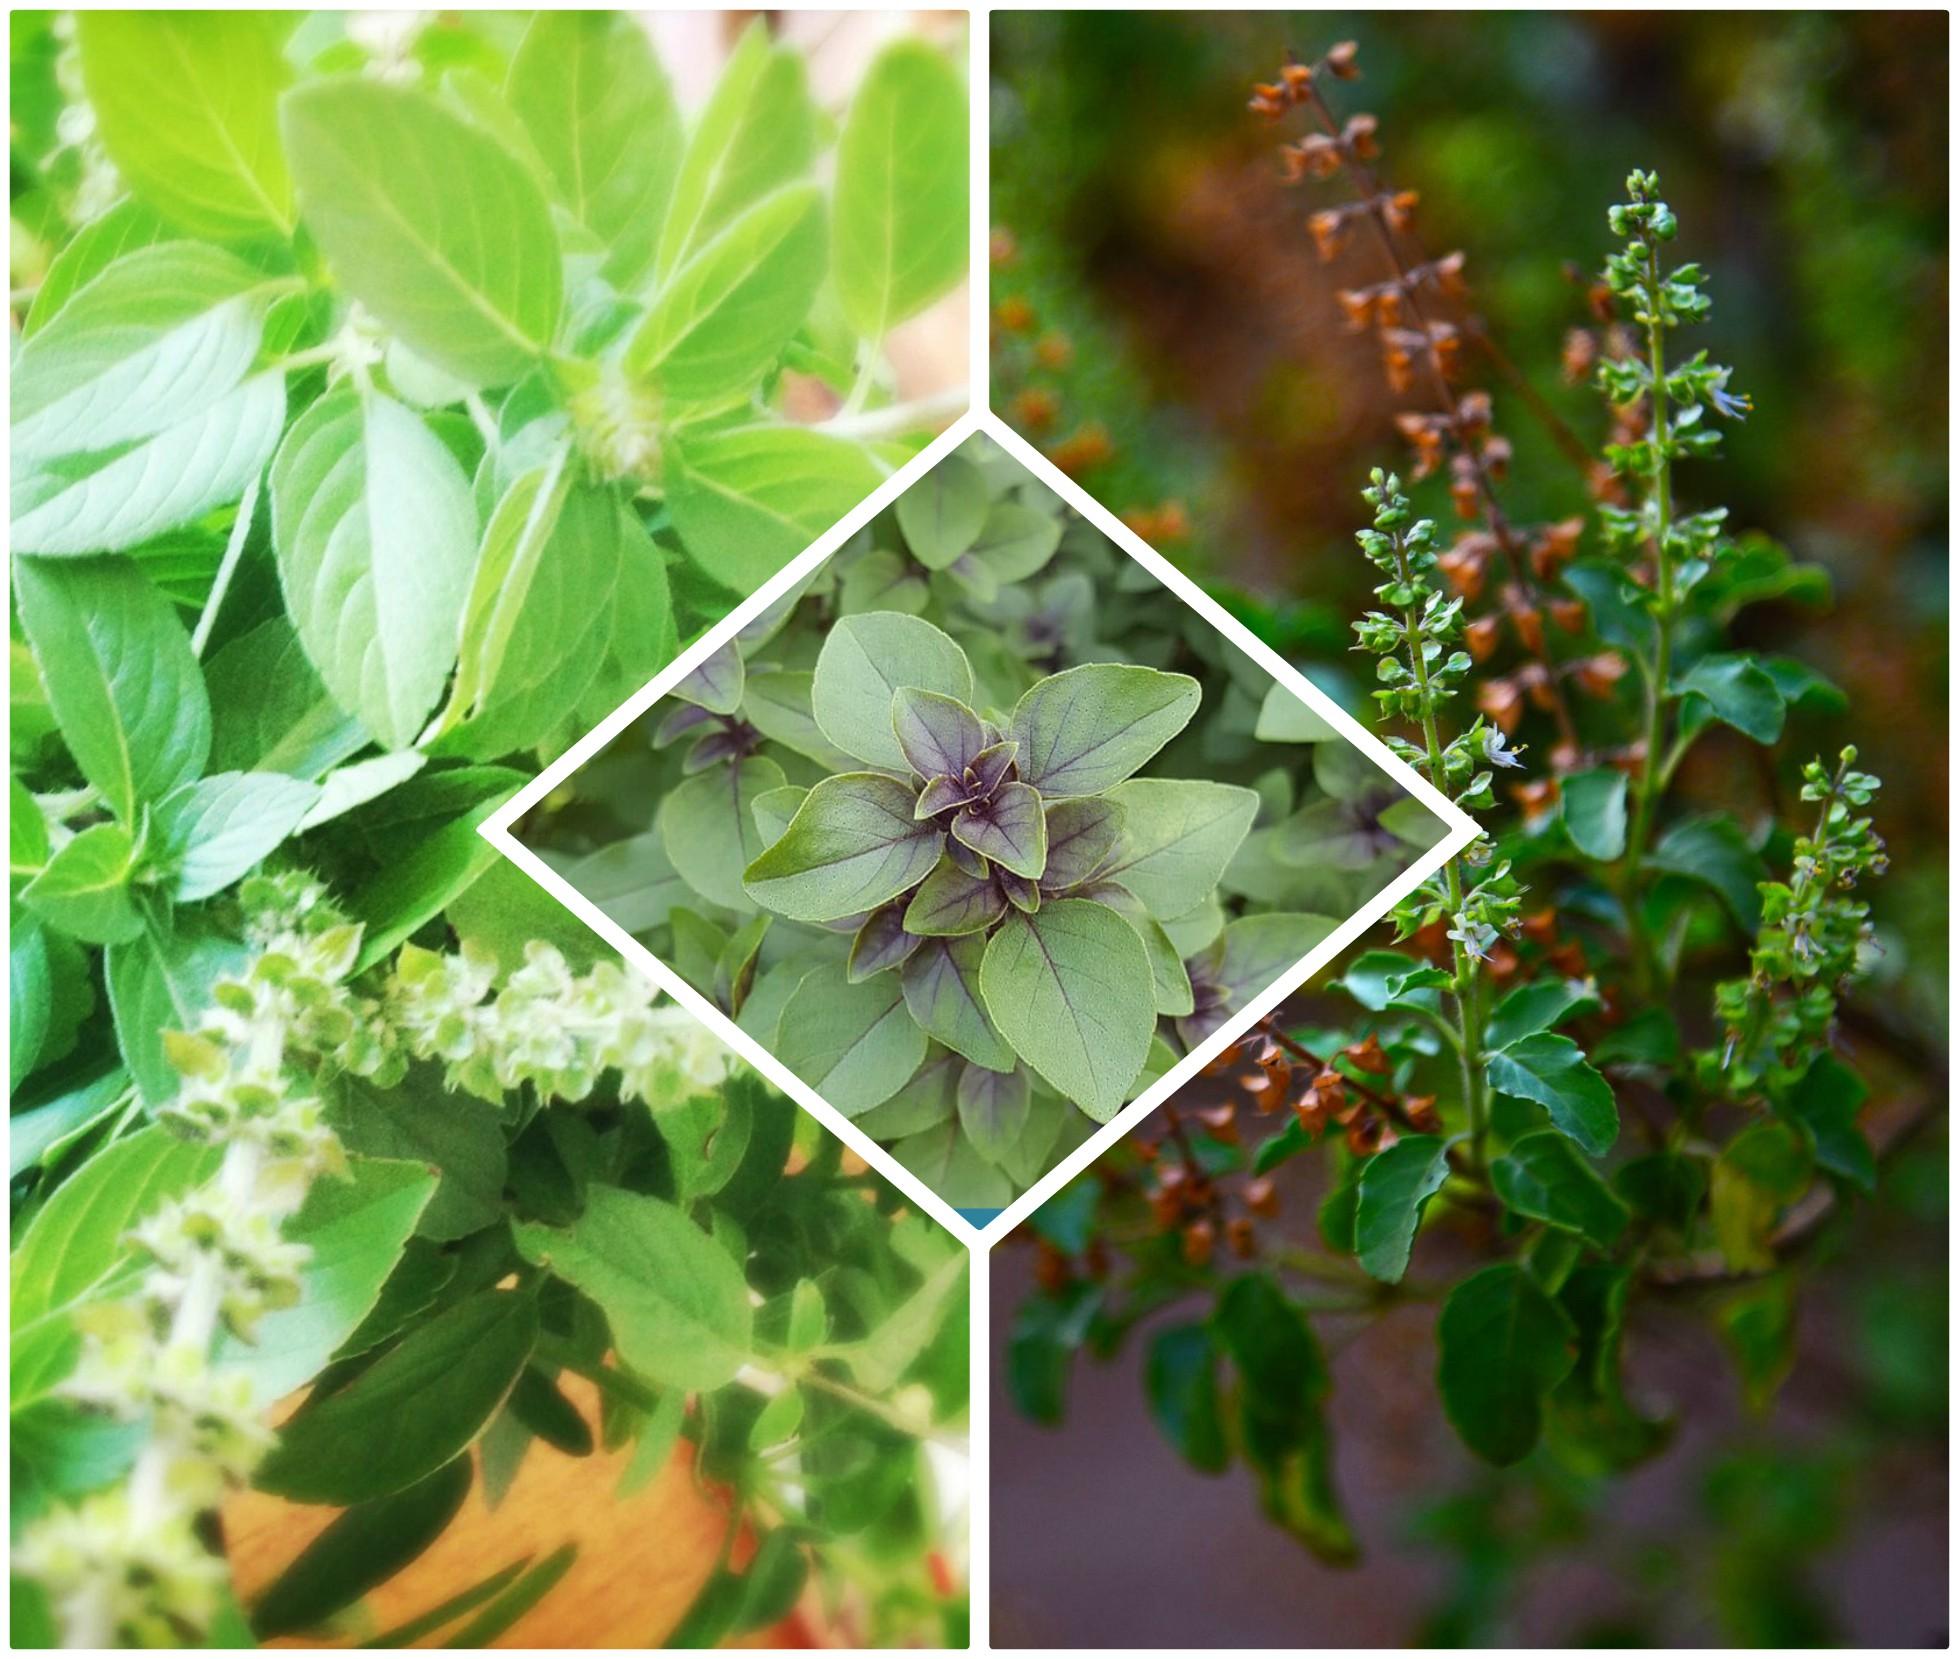 PunjabKesari,tulsi plant images, basil